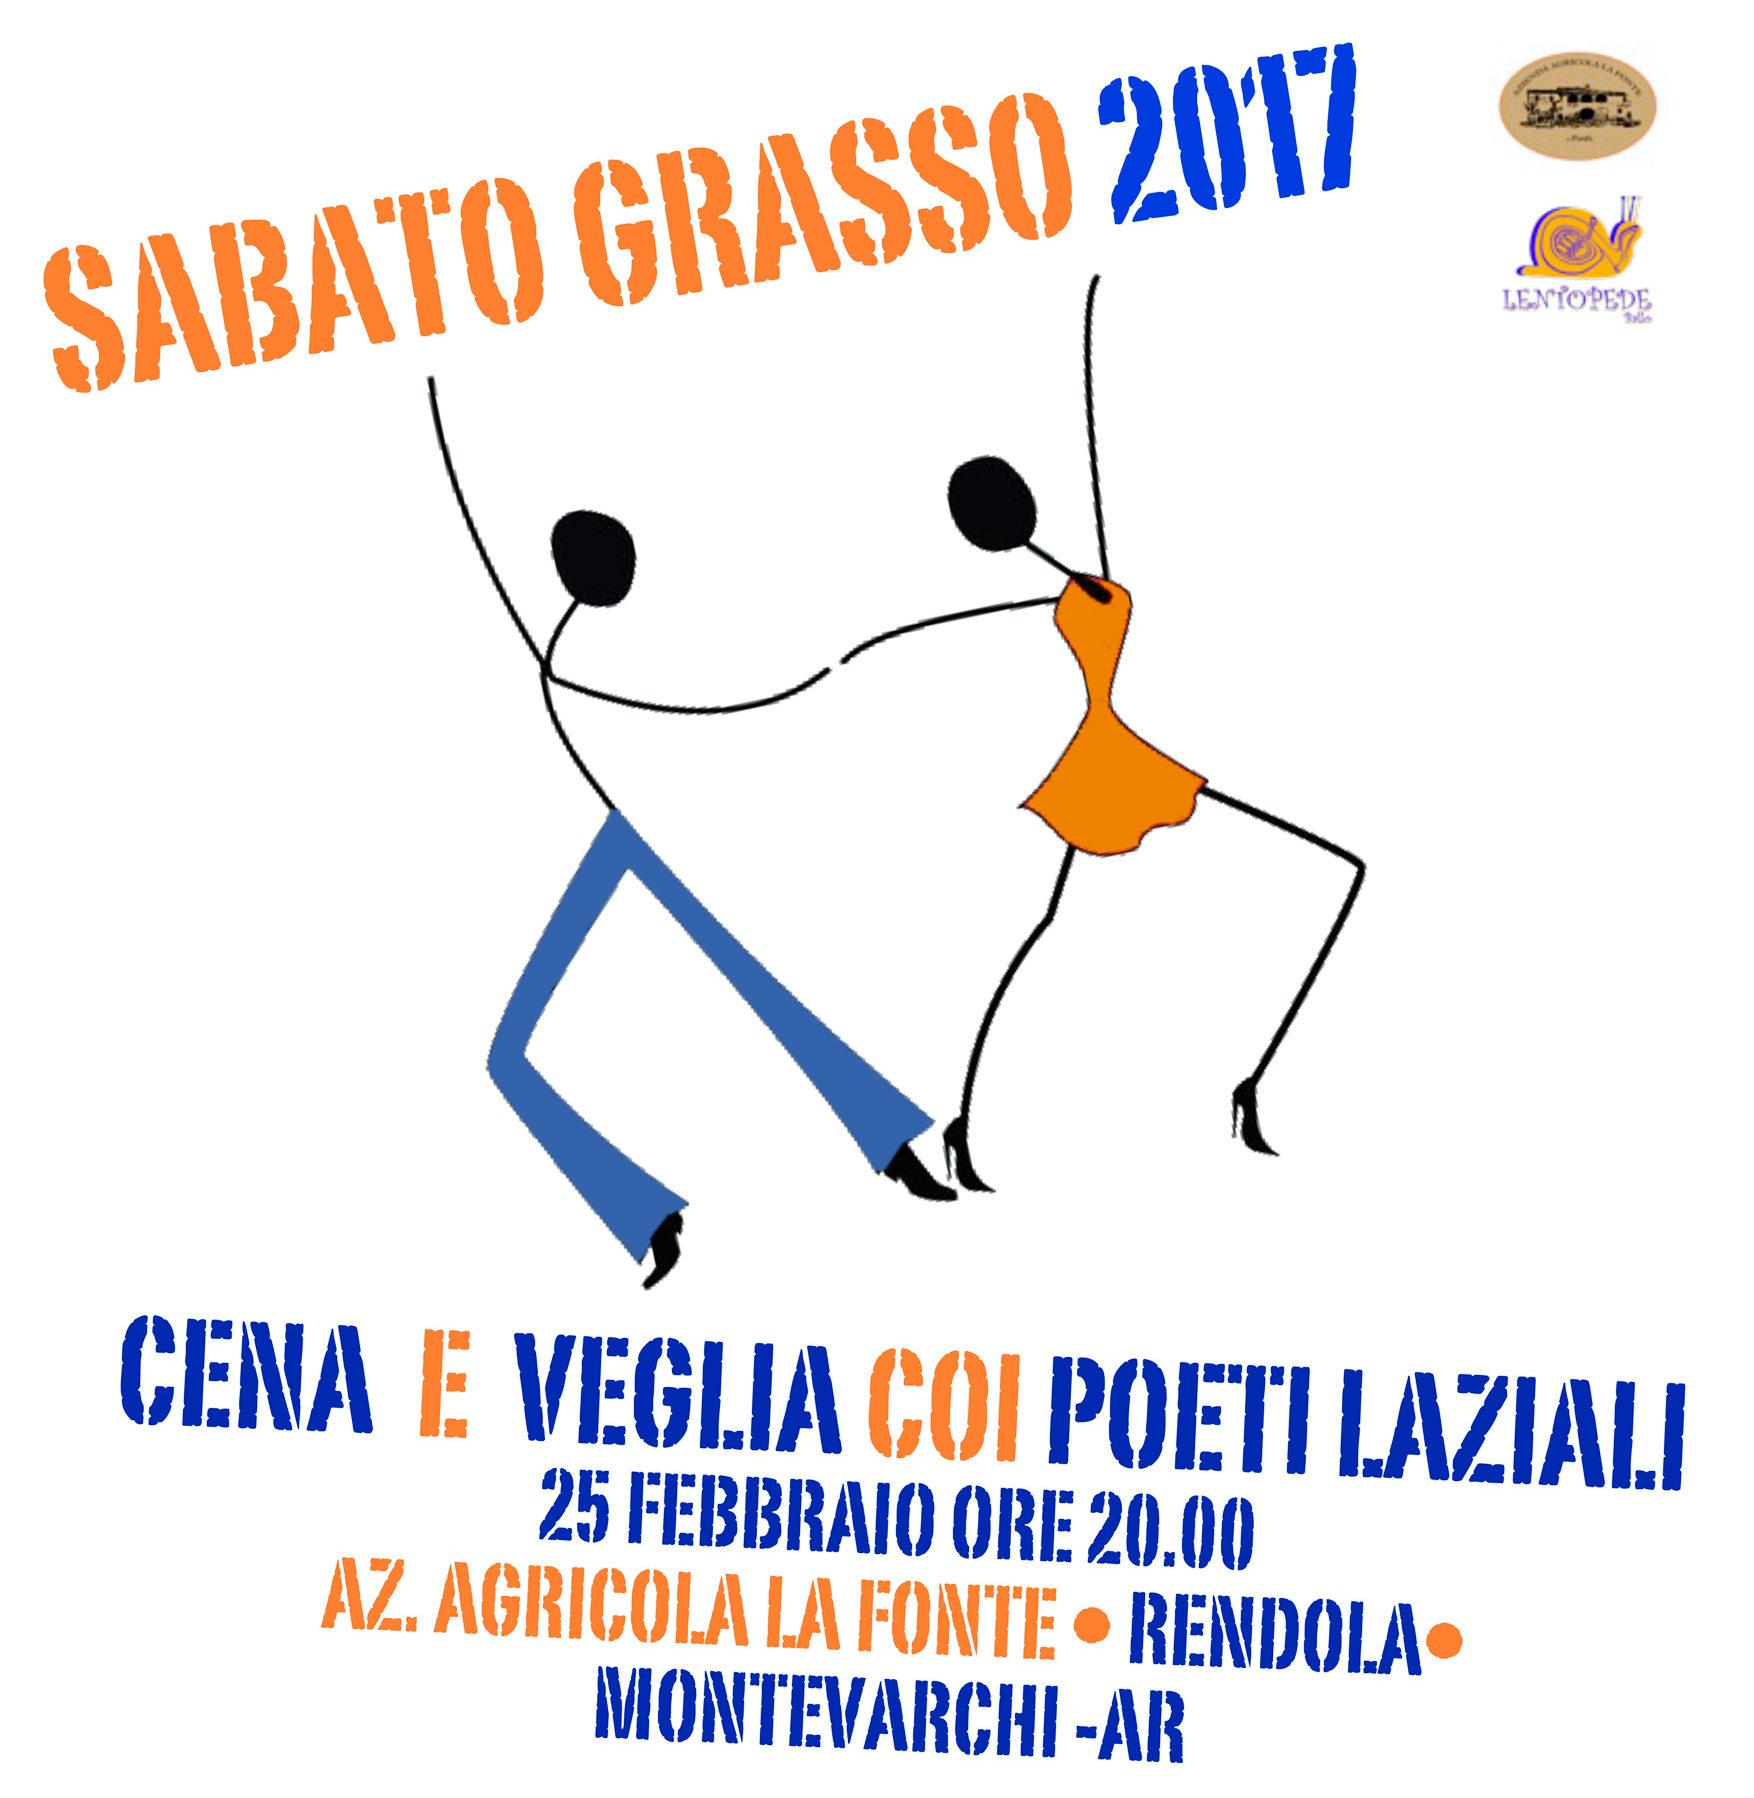 Sabato Grasso 2017: la veglia